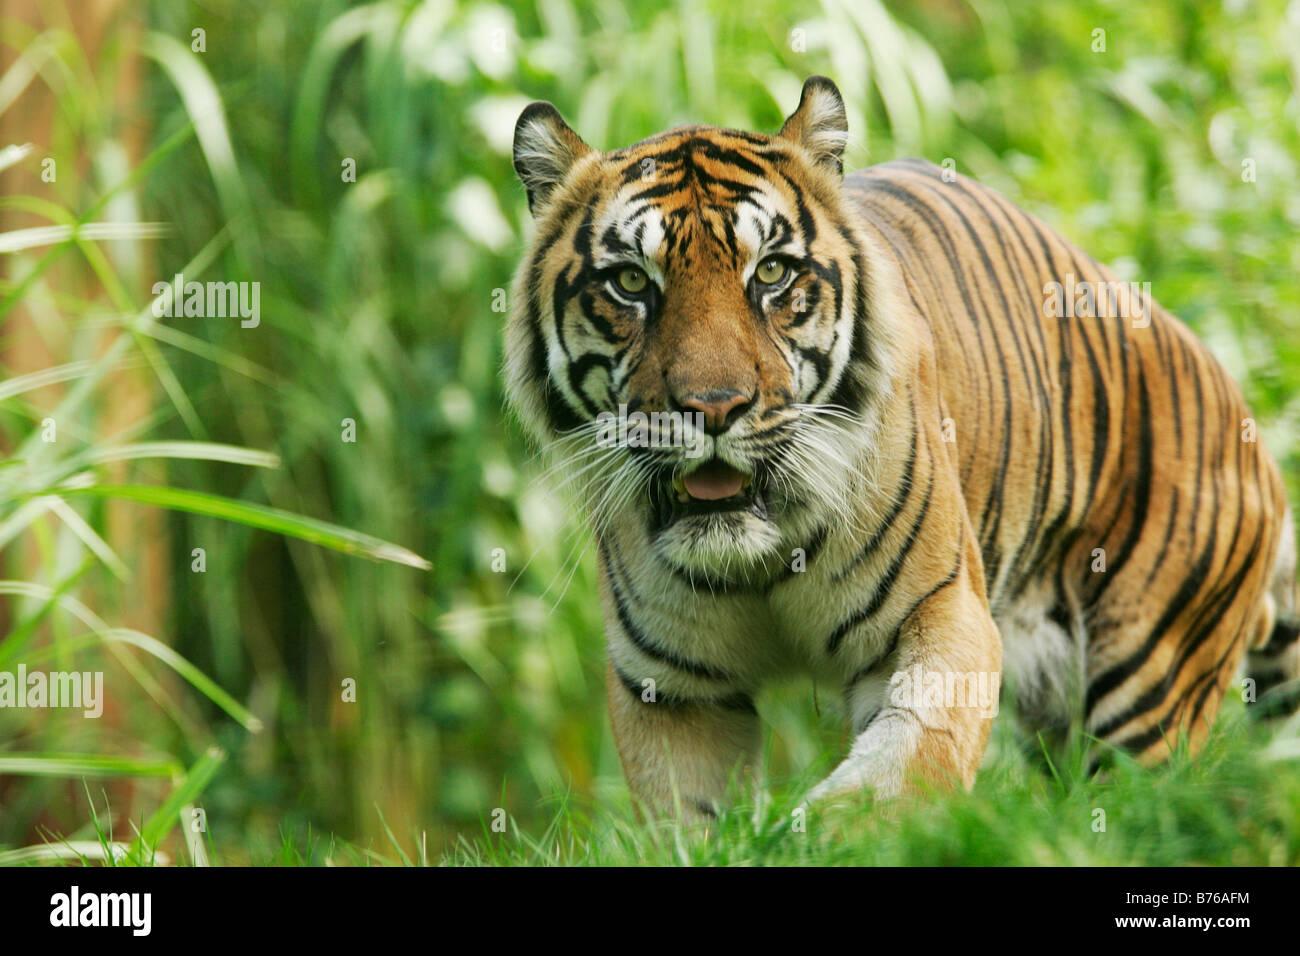 Panthera Tigris Stock Photos & Panthera Tigris Stock Images - Alamy